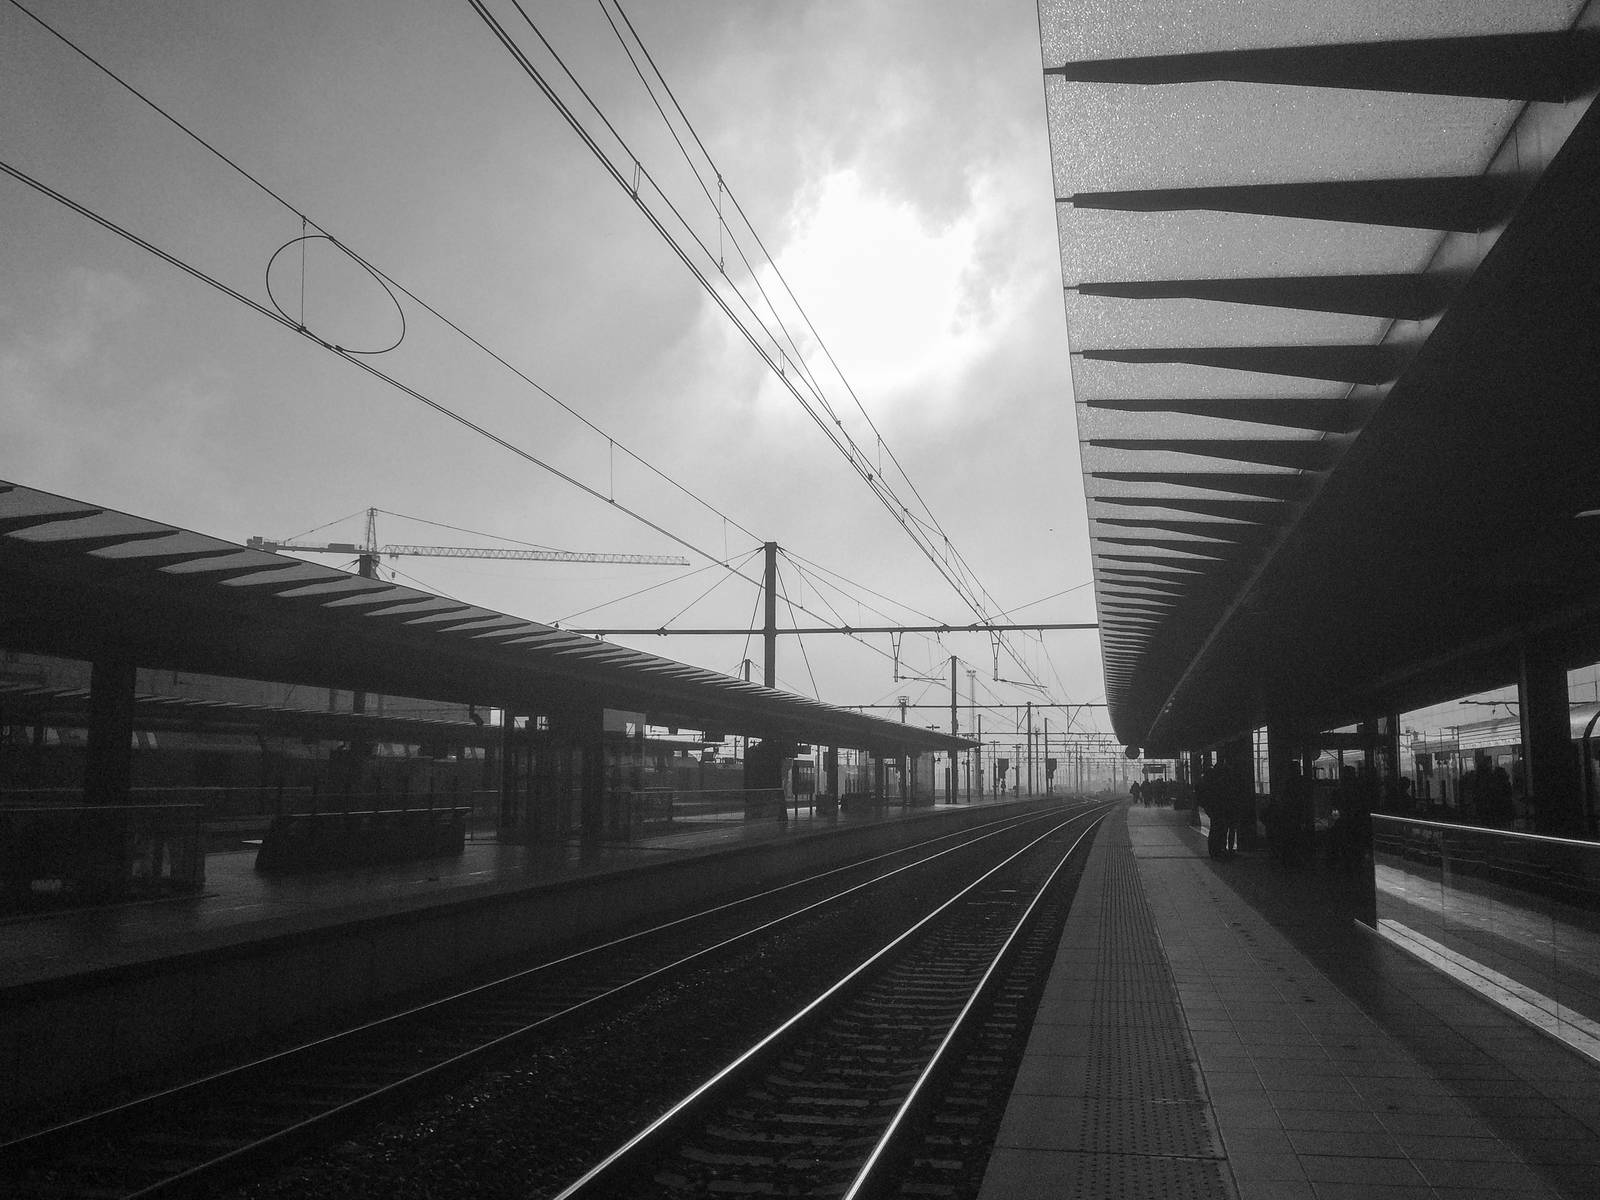 Railway station at Brugge, Belgium